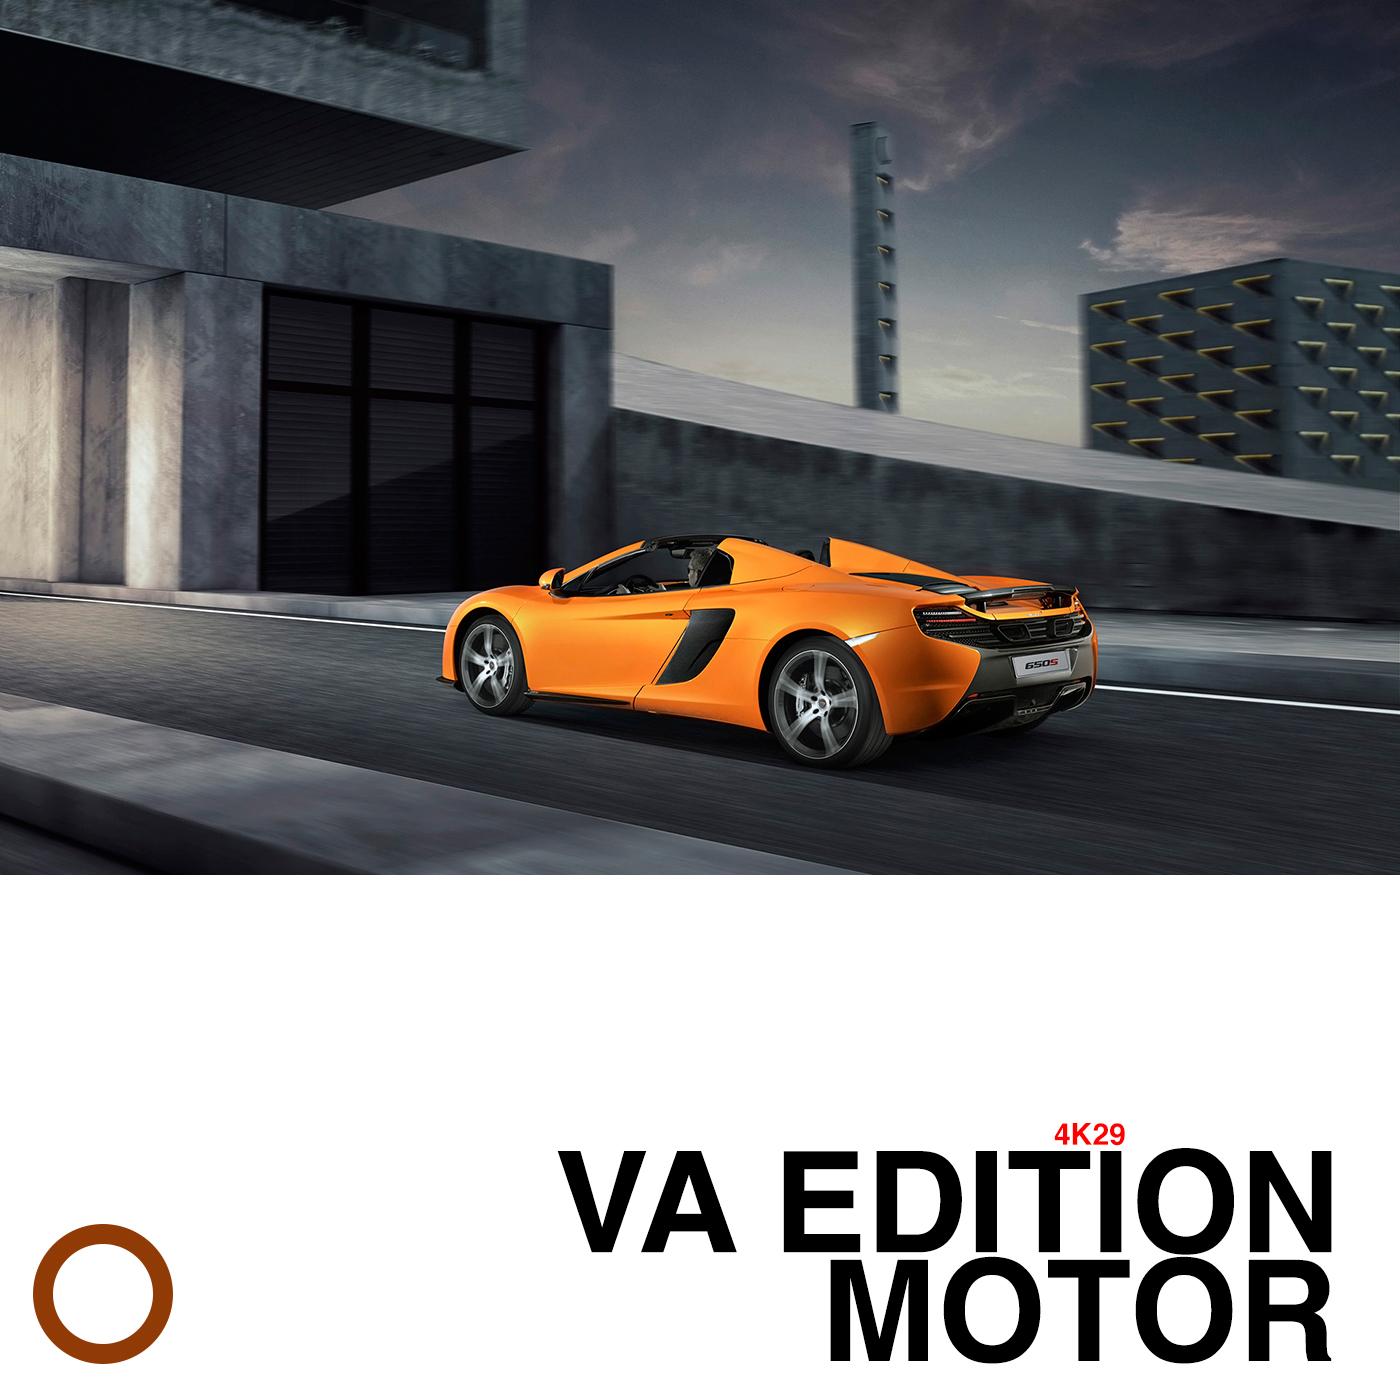 VA EDITION MOTOR 4K29